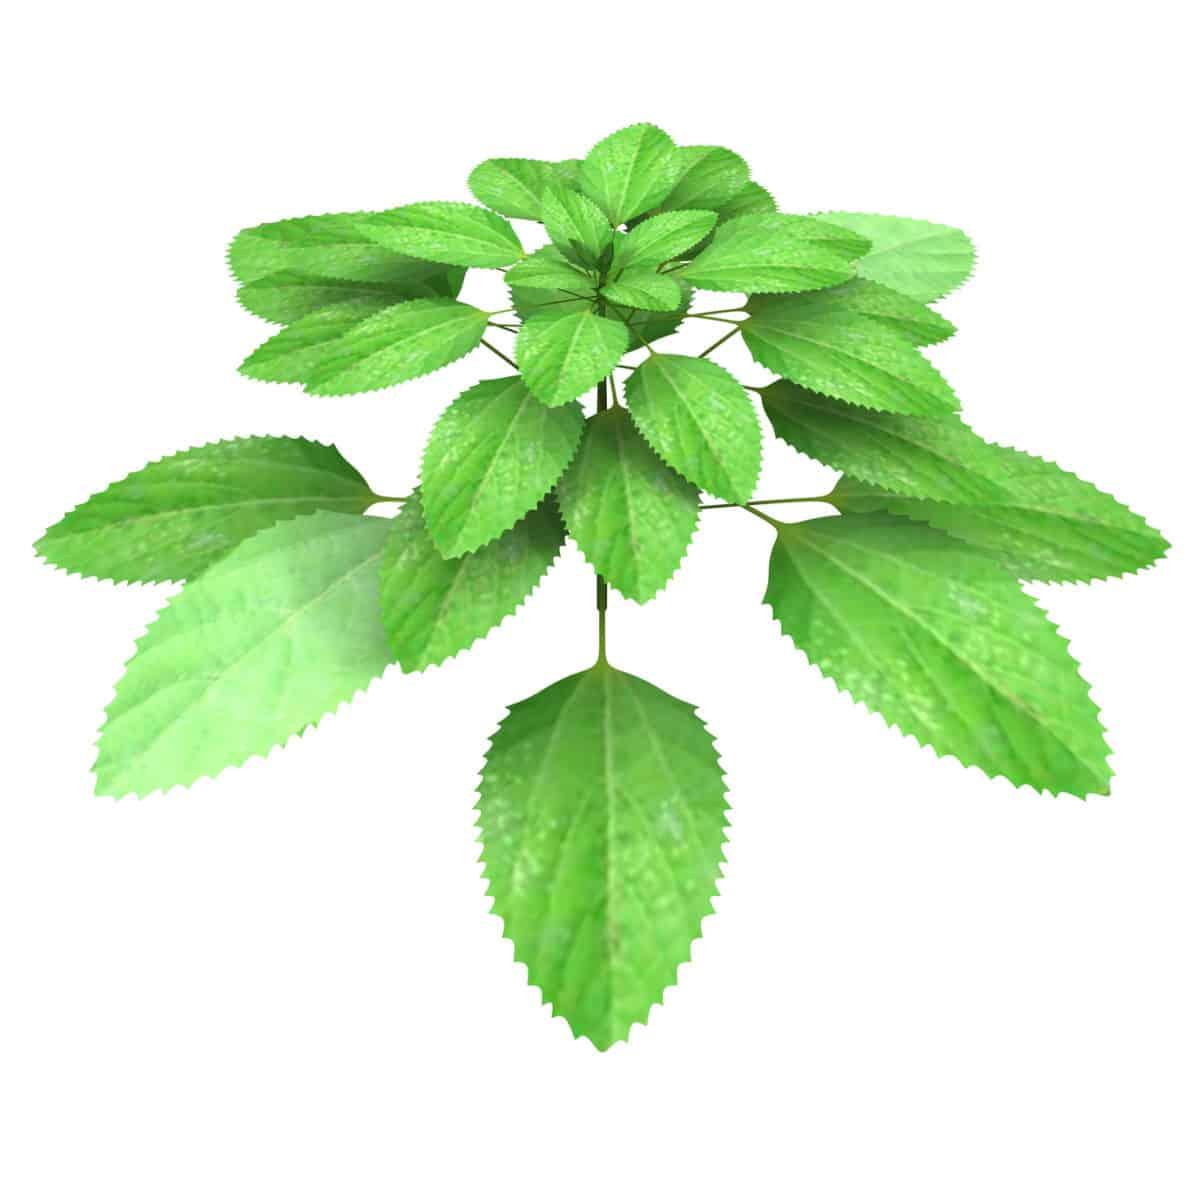 Erfahre mehr über Acalypha indica und seine heilende Wirkung bei Krankheiten wie Bronchitis, Hämoptoe und Krampfhusten. Fotolia © 7activestudio